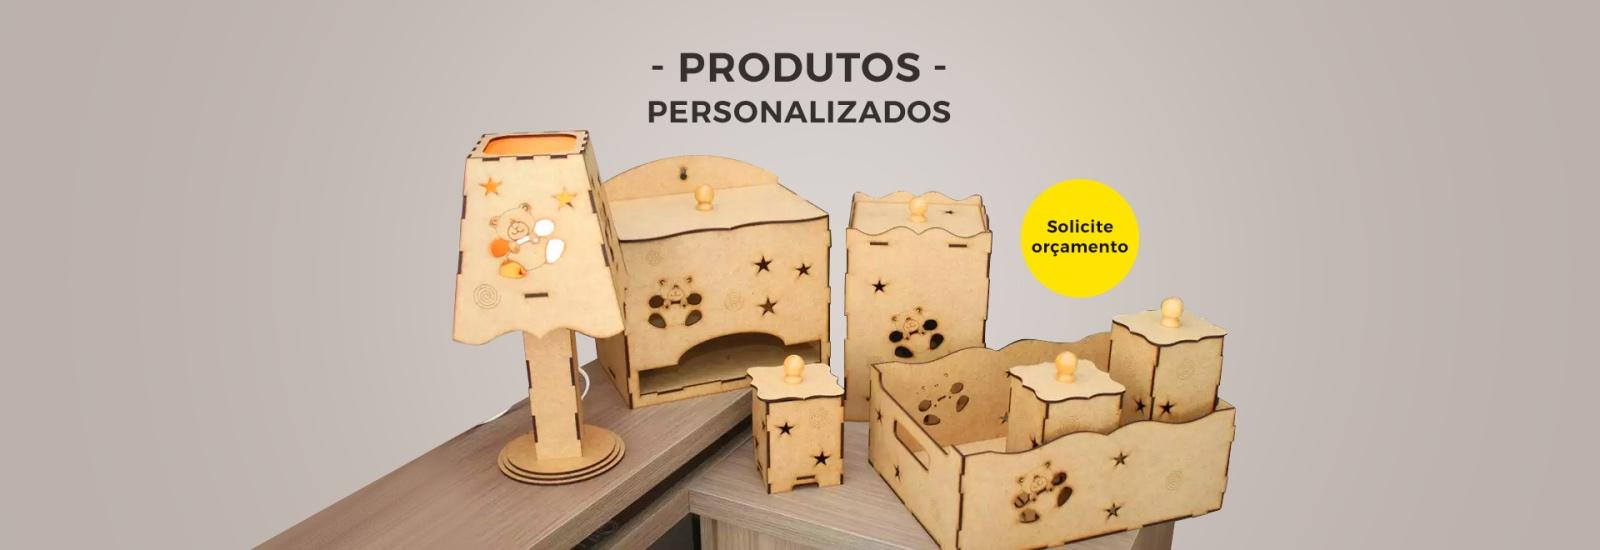 produtos-personalizados